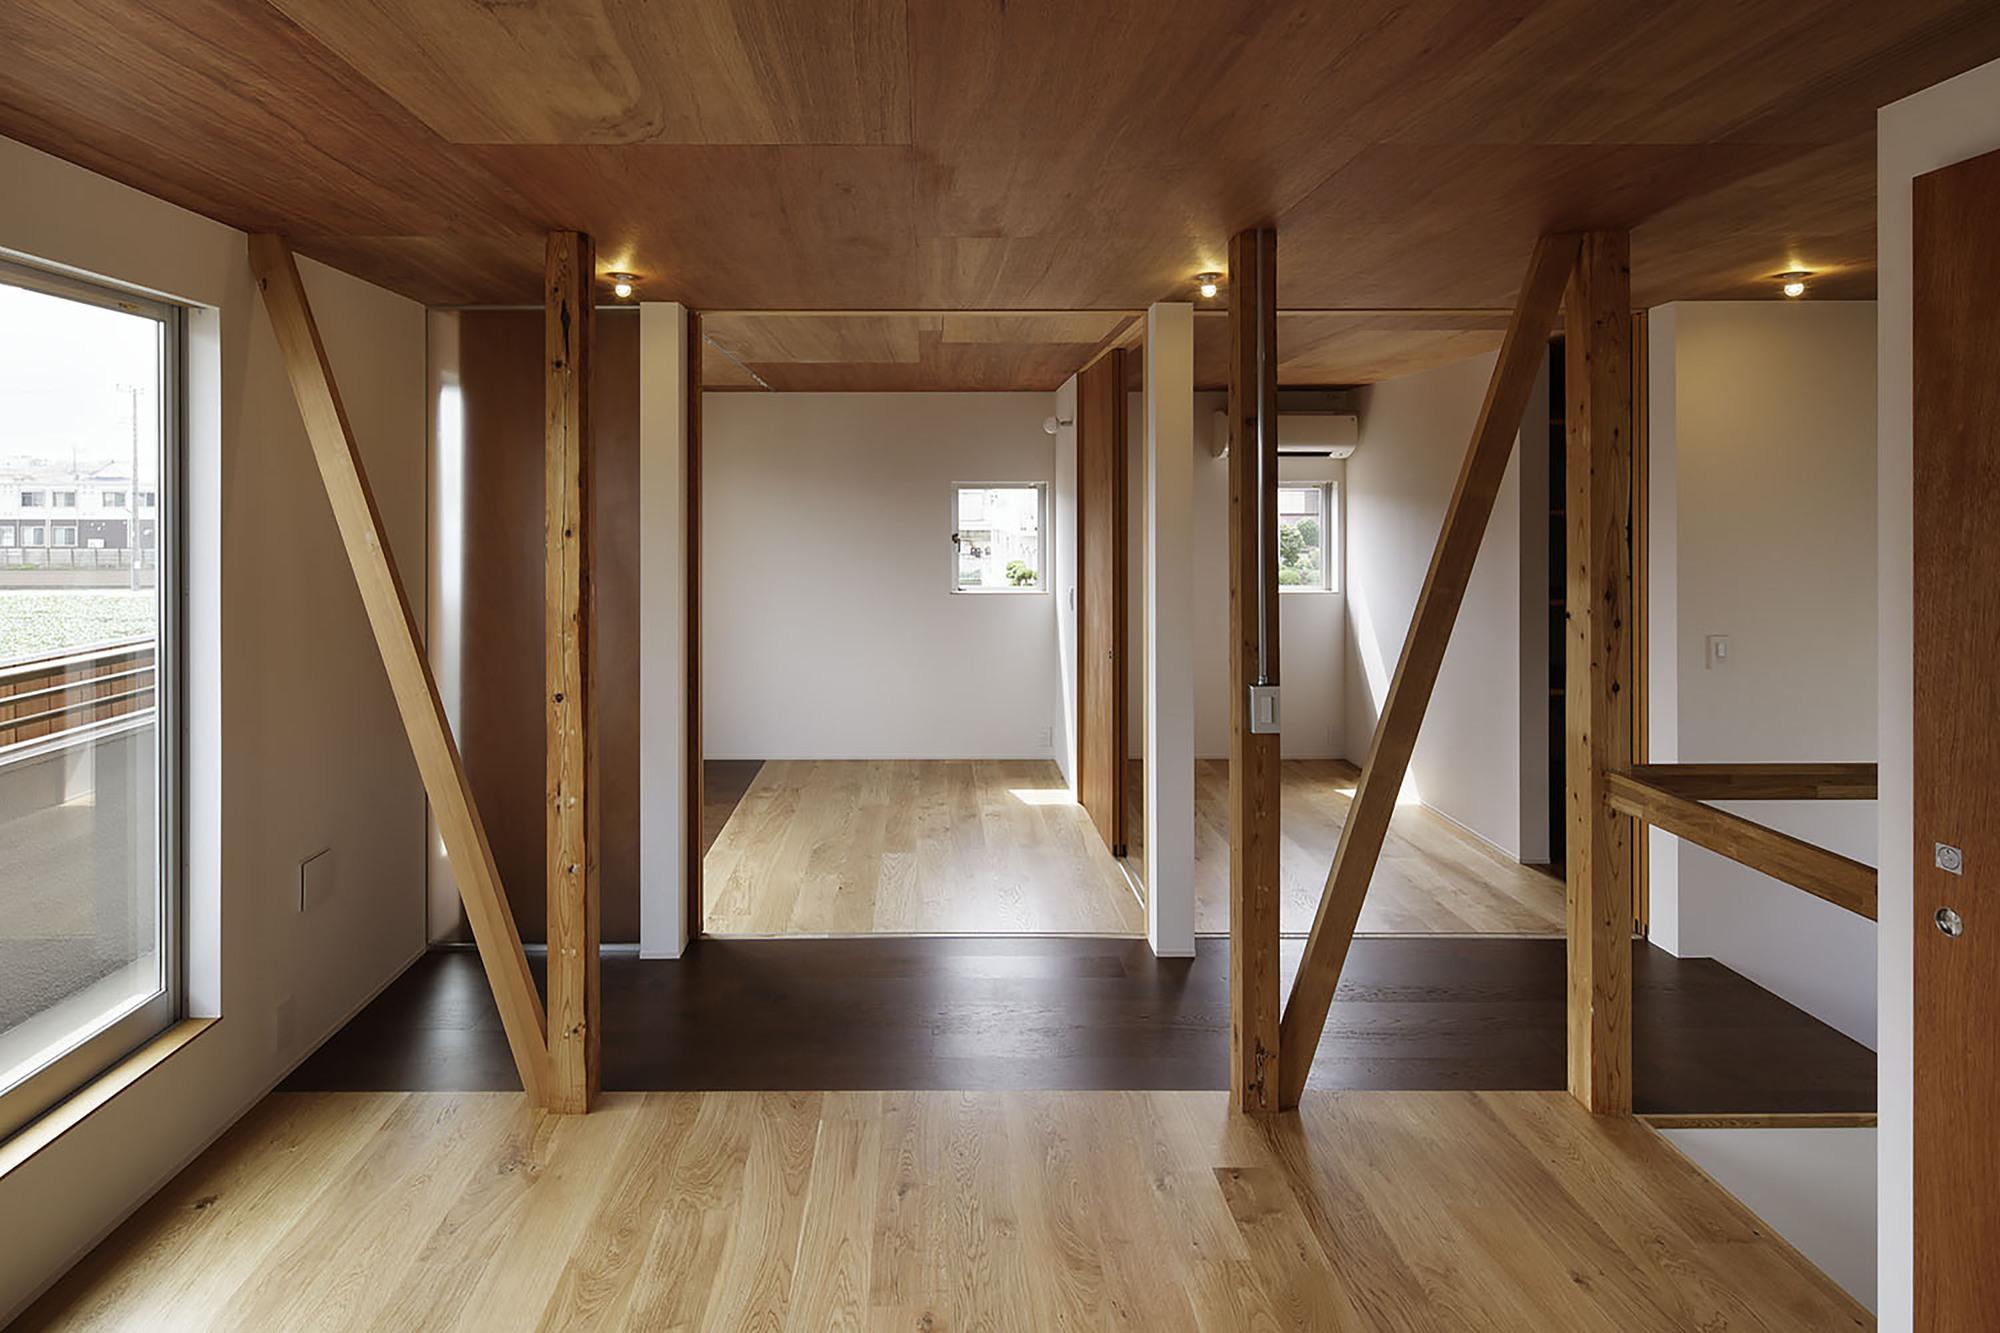 House of Kodaira / KASA Architects